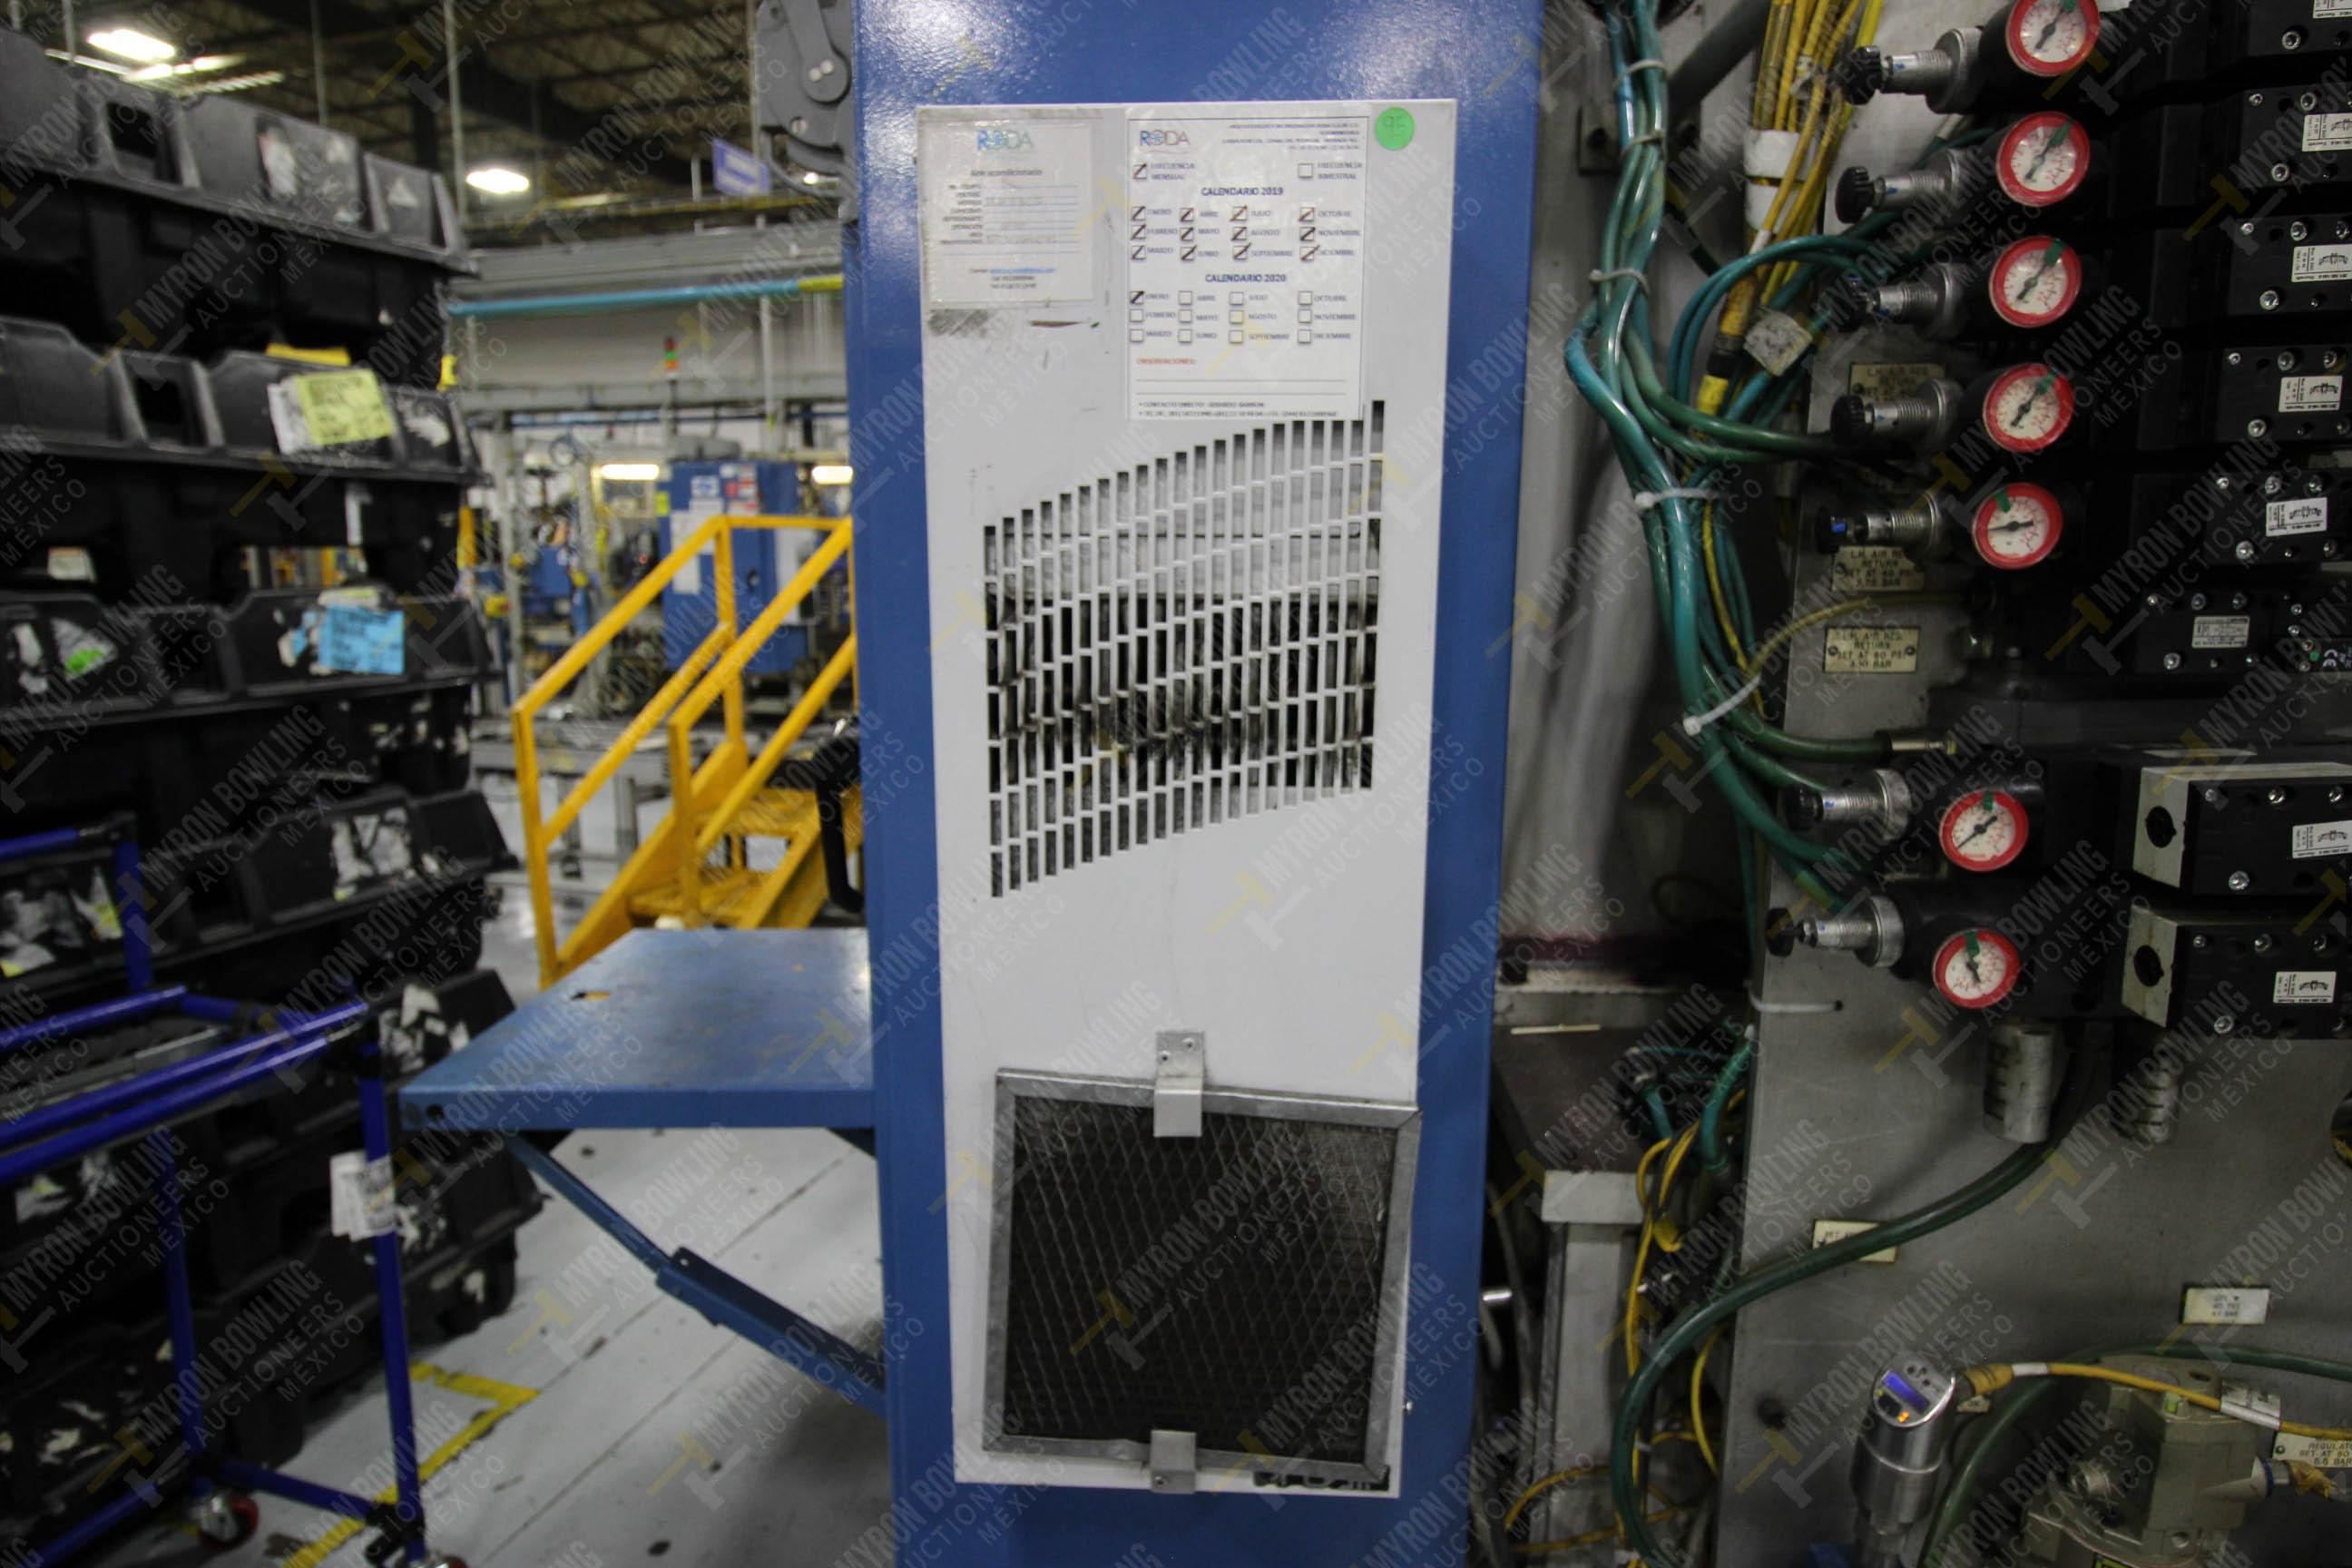 Estación semiautomática para operación 355A, contiene: Prensa en estructura de placa de acero - Image 30 of 36